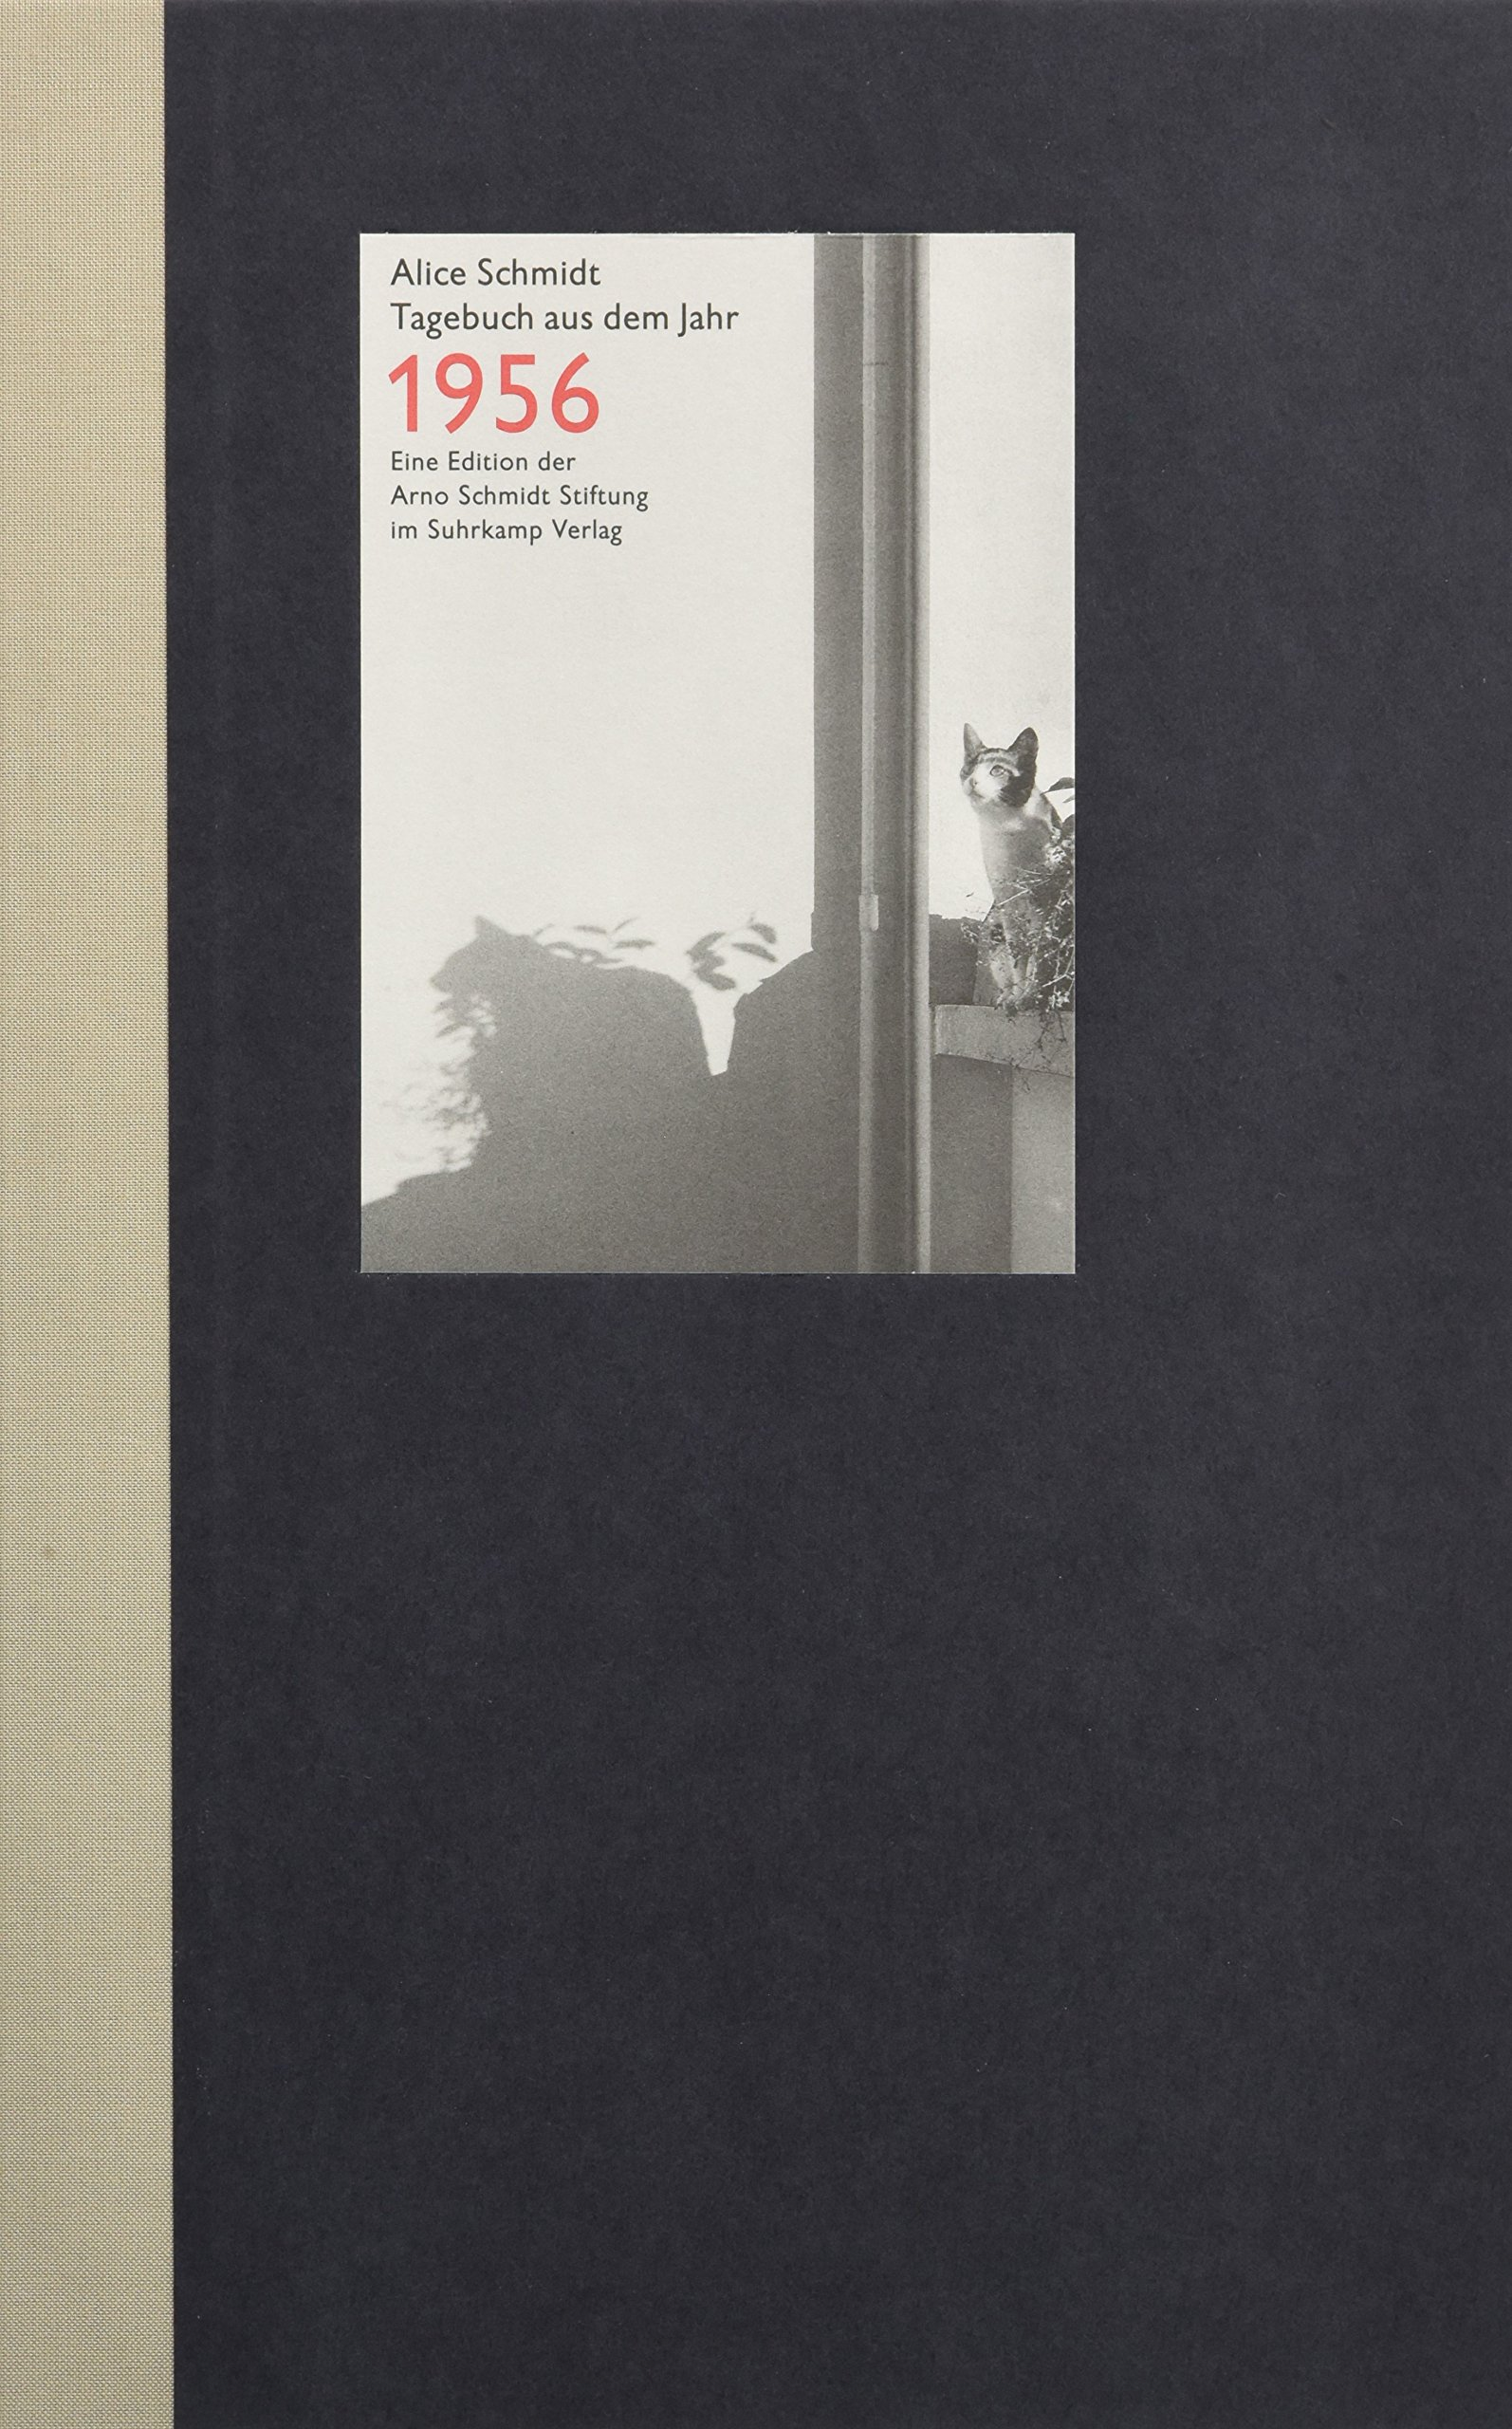 tagebuch-aus-dem-jahr-1956